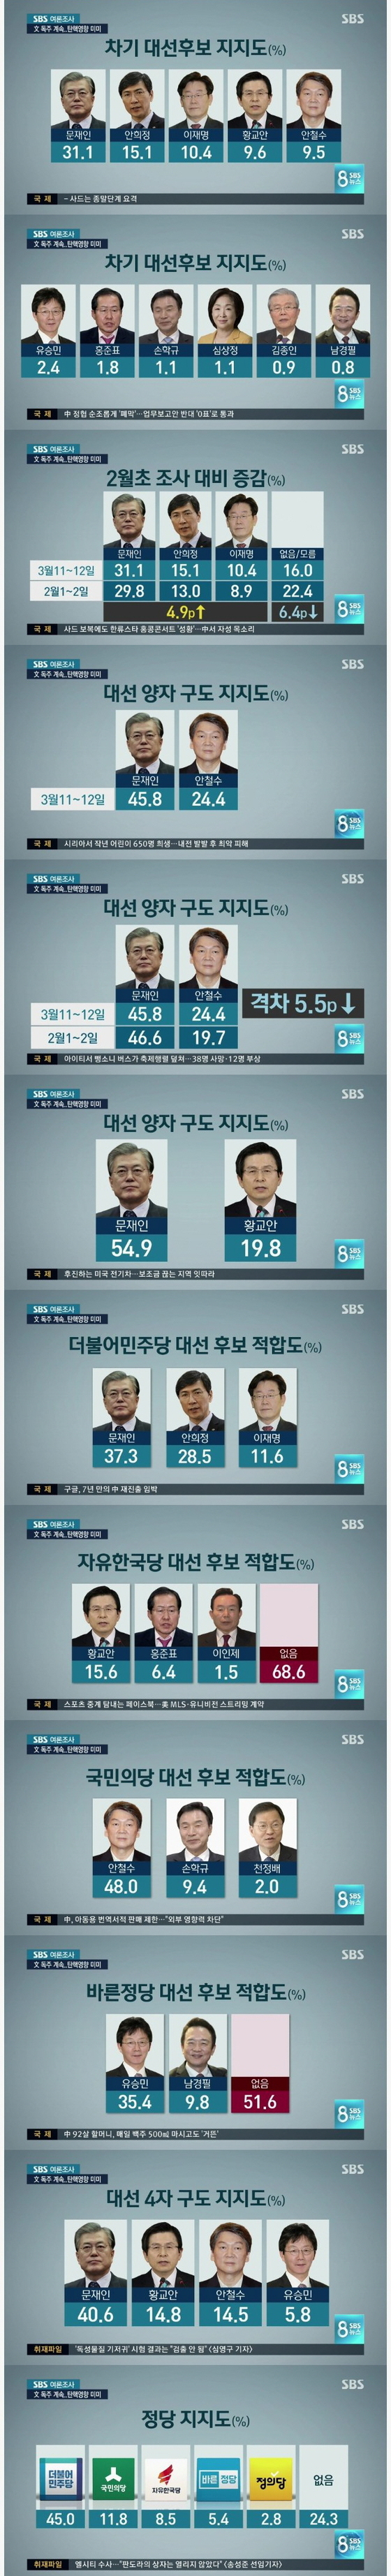 SBS가 헌법재판소의 박근혜 대통령 파면 결정 직후인 11~12일에 실시한 대선 후보 지지도 조사. [SBS뉴스 캡처]